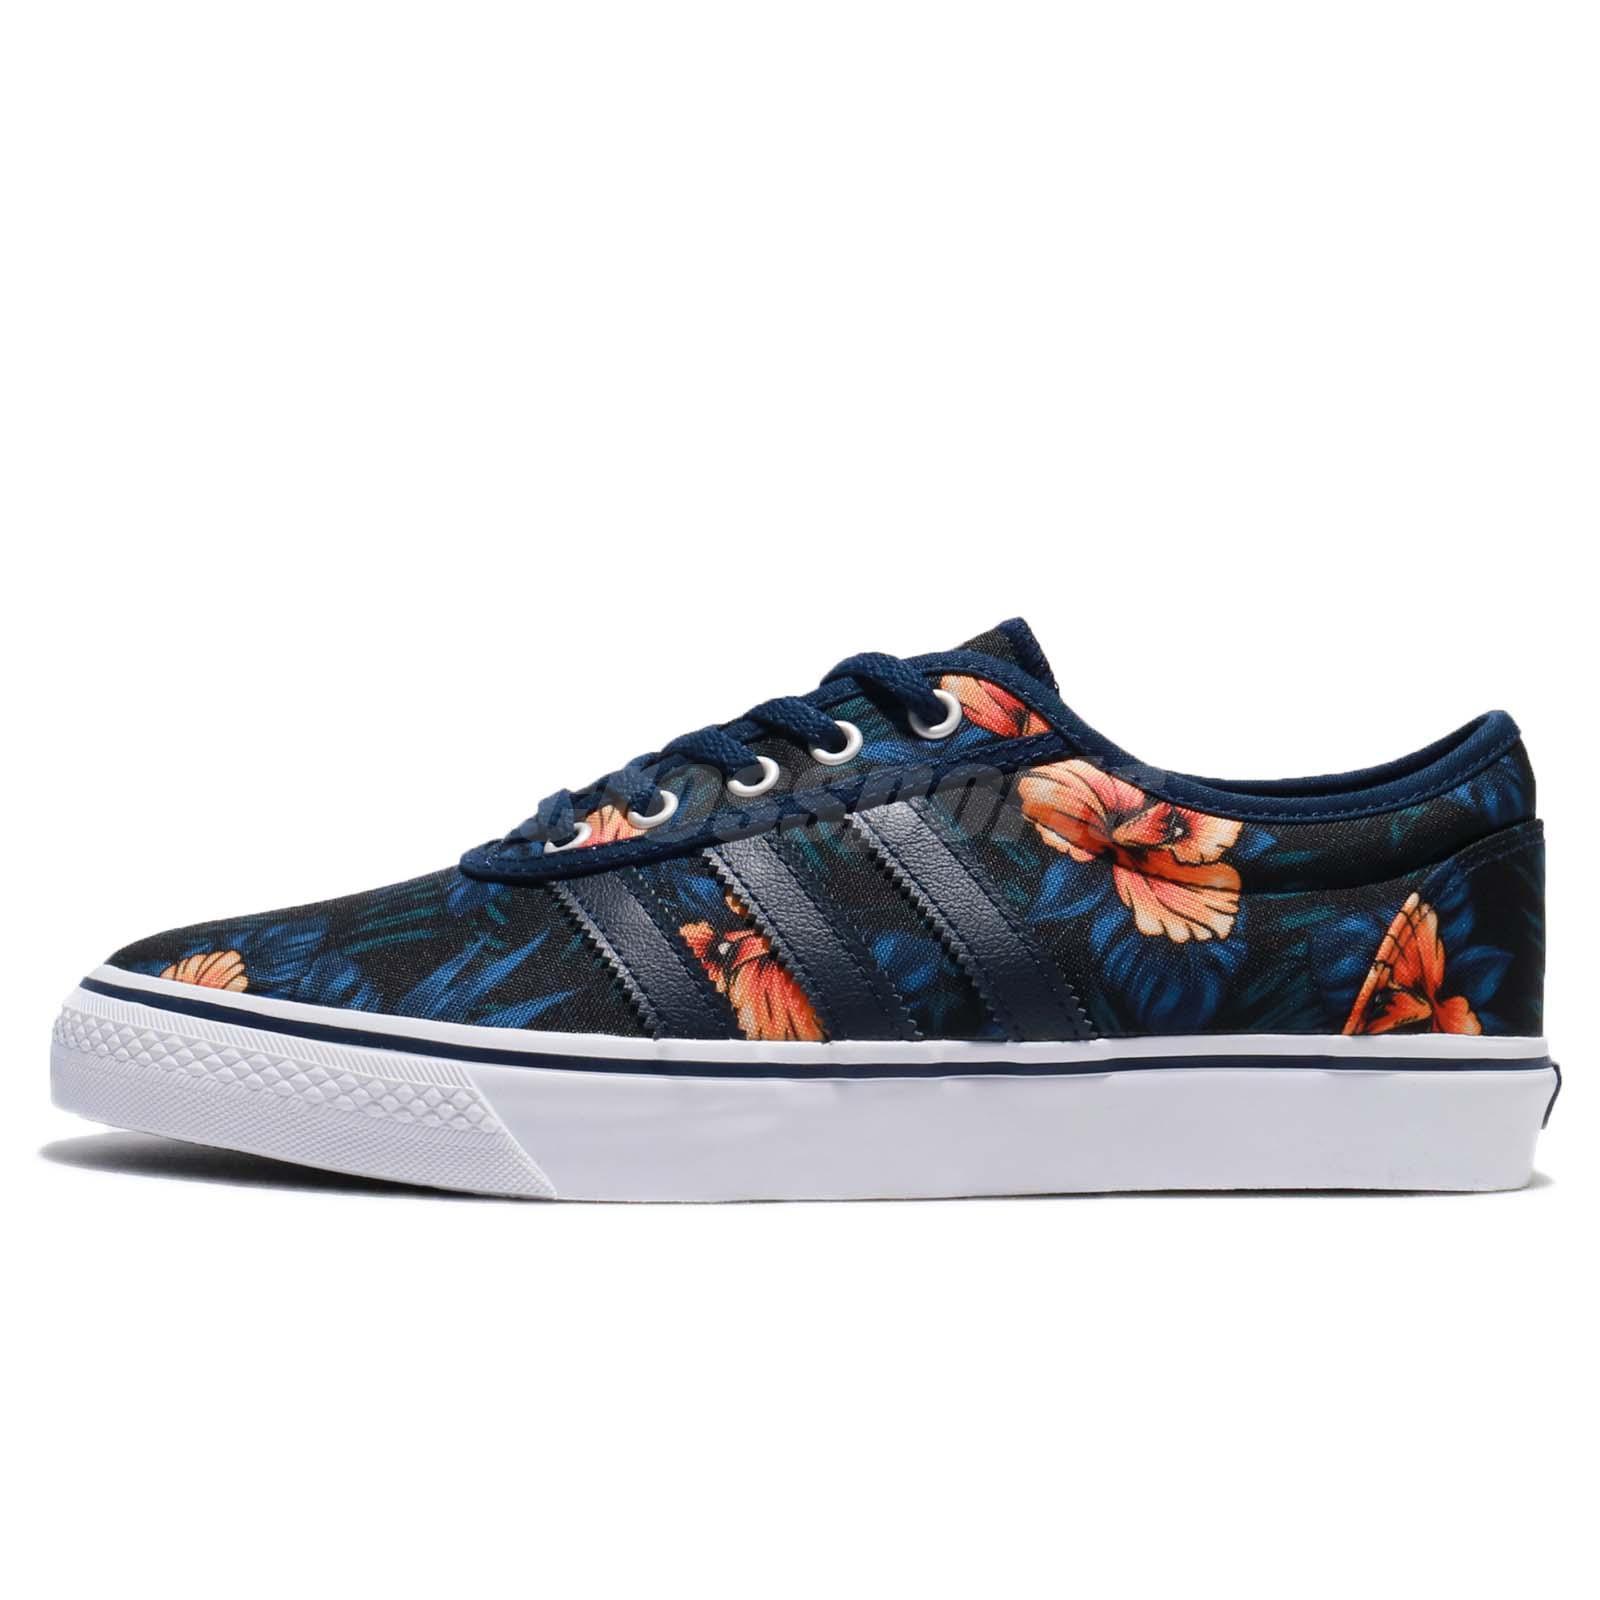 adidas Adi-Ease Floral Indigo Blue White Women Shoes Slip-On Sneakers BB8472 31e9c40b8